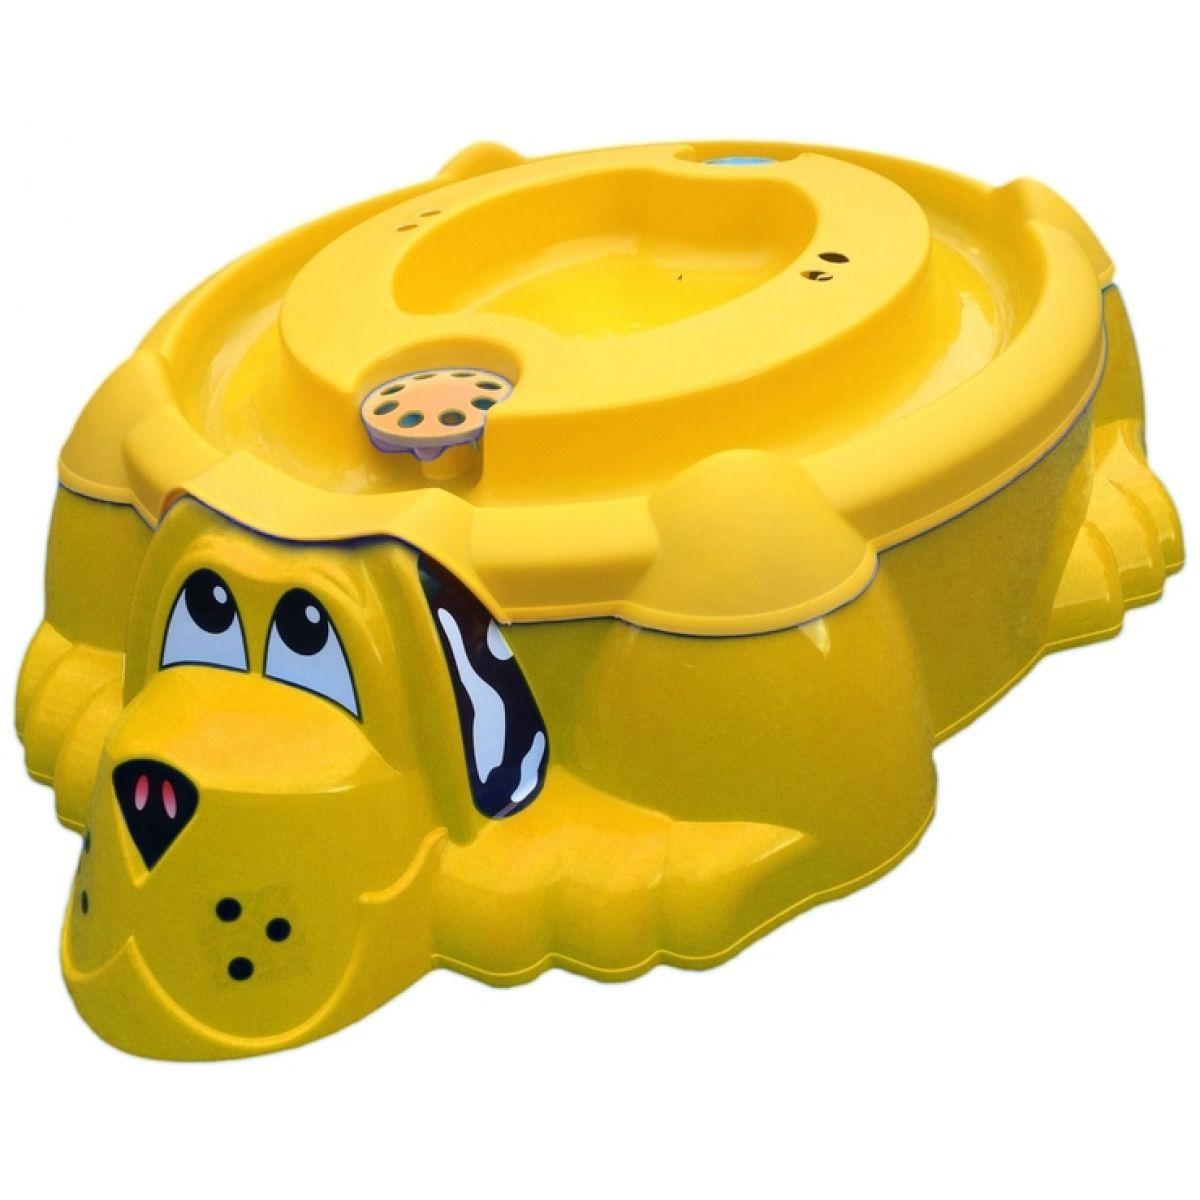 Pískoviště PEJSEK s krytem - Žluté se žlutým krytem